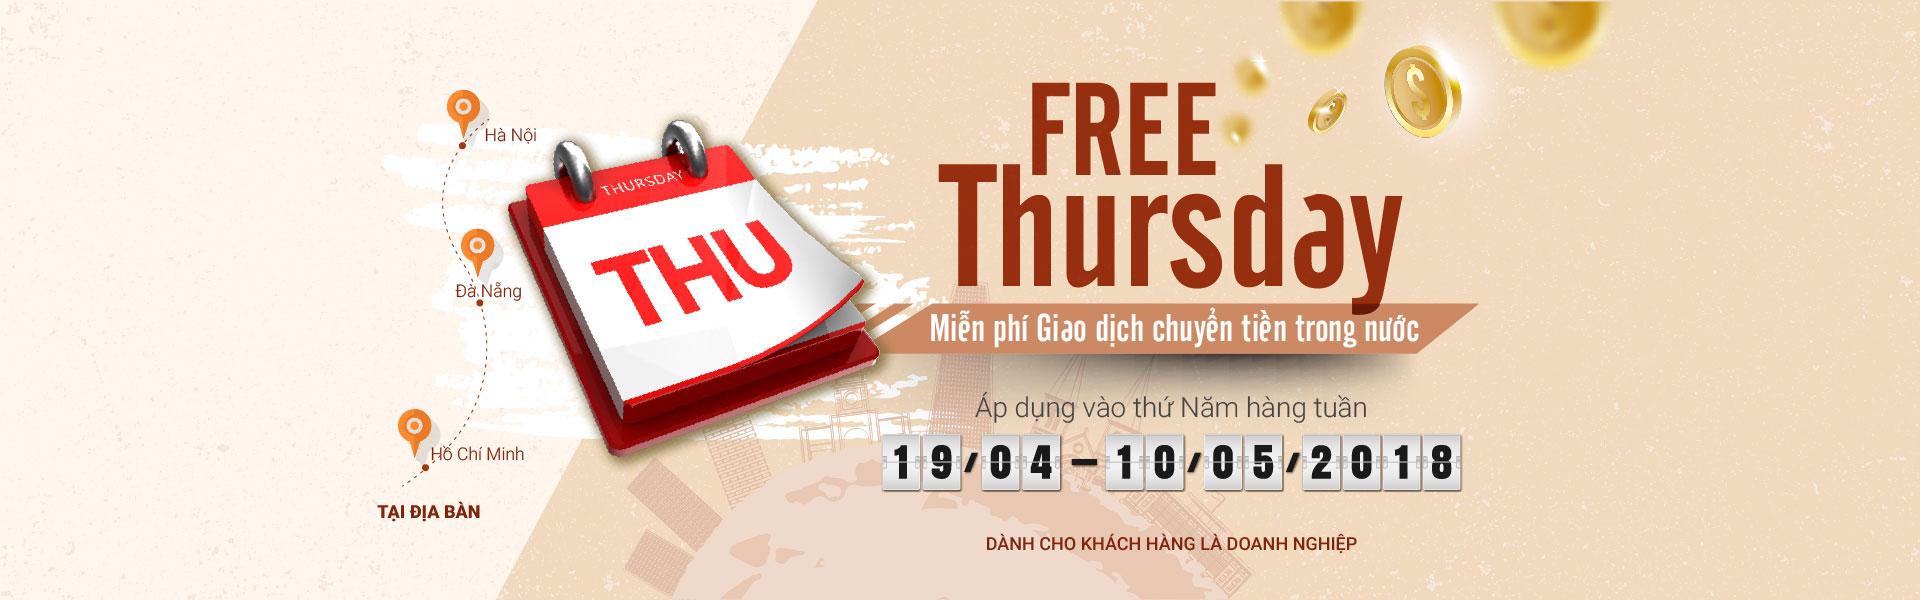 FREE THURSDAY – MIỄN PHÍ GIAO DỊCH CHUYỂN TIỀN TRONG NƯỚC